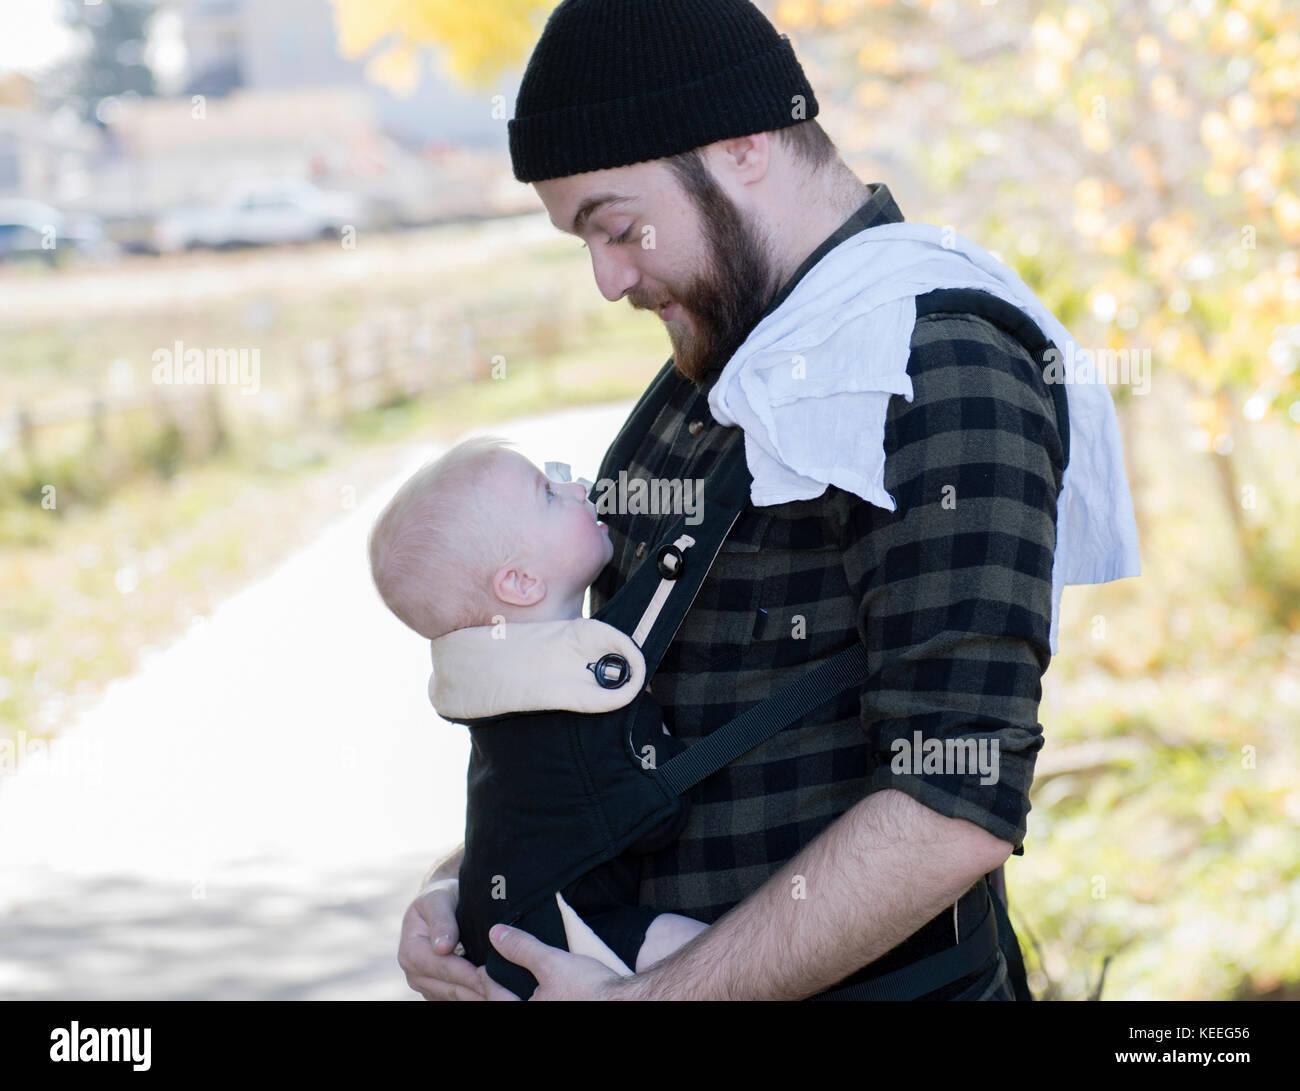 Tausendjährige Vati mit Baby im Träger außerhalb zu Fuß Stockbild